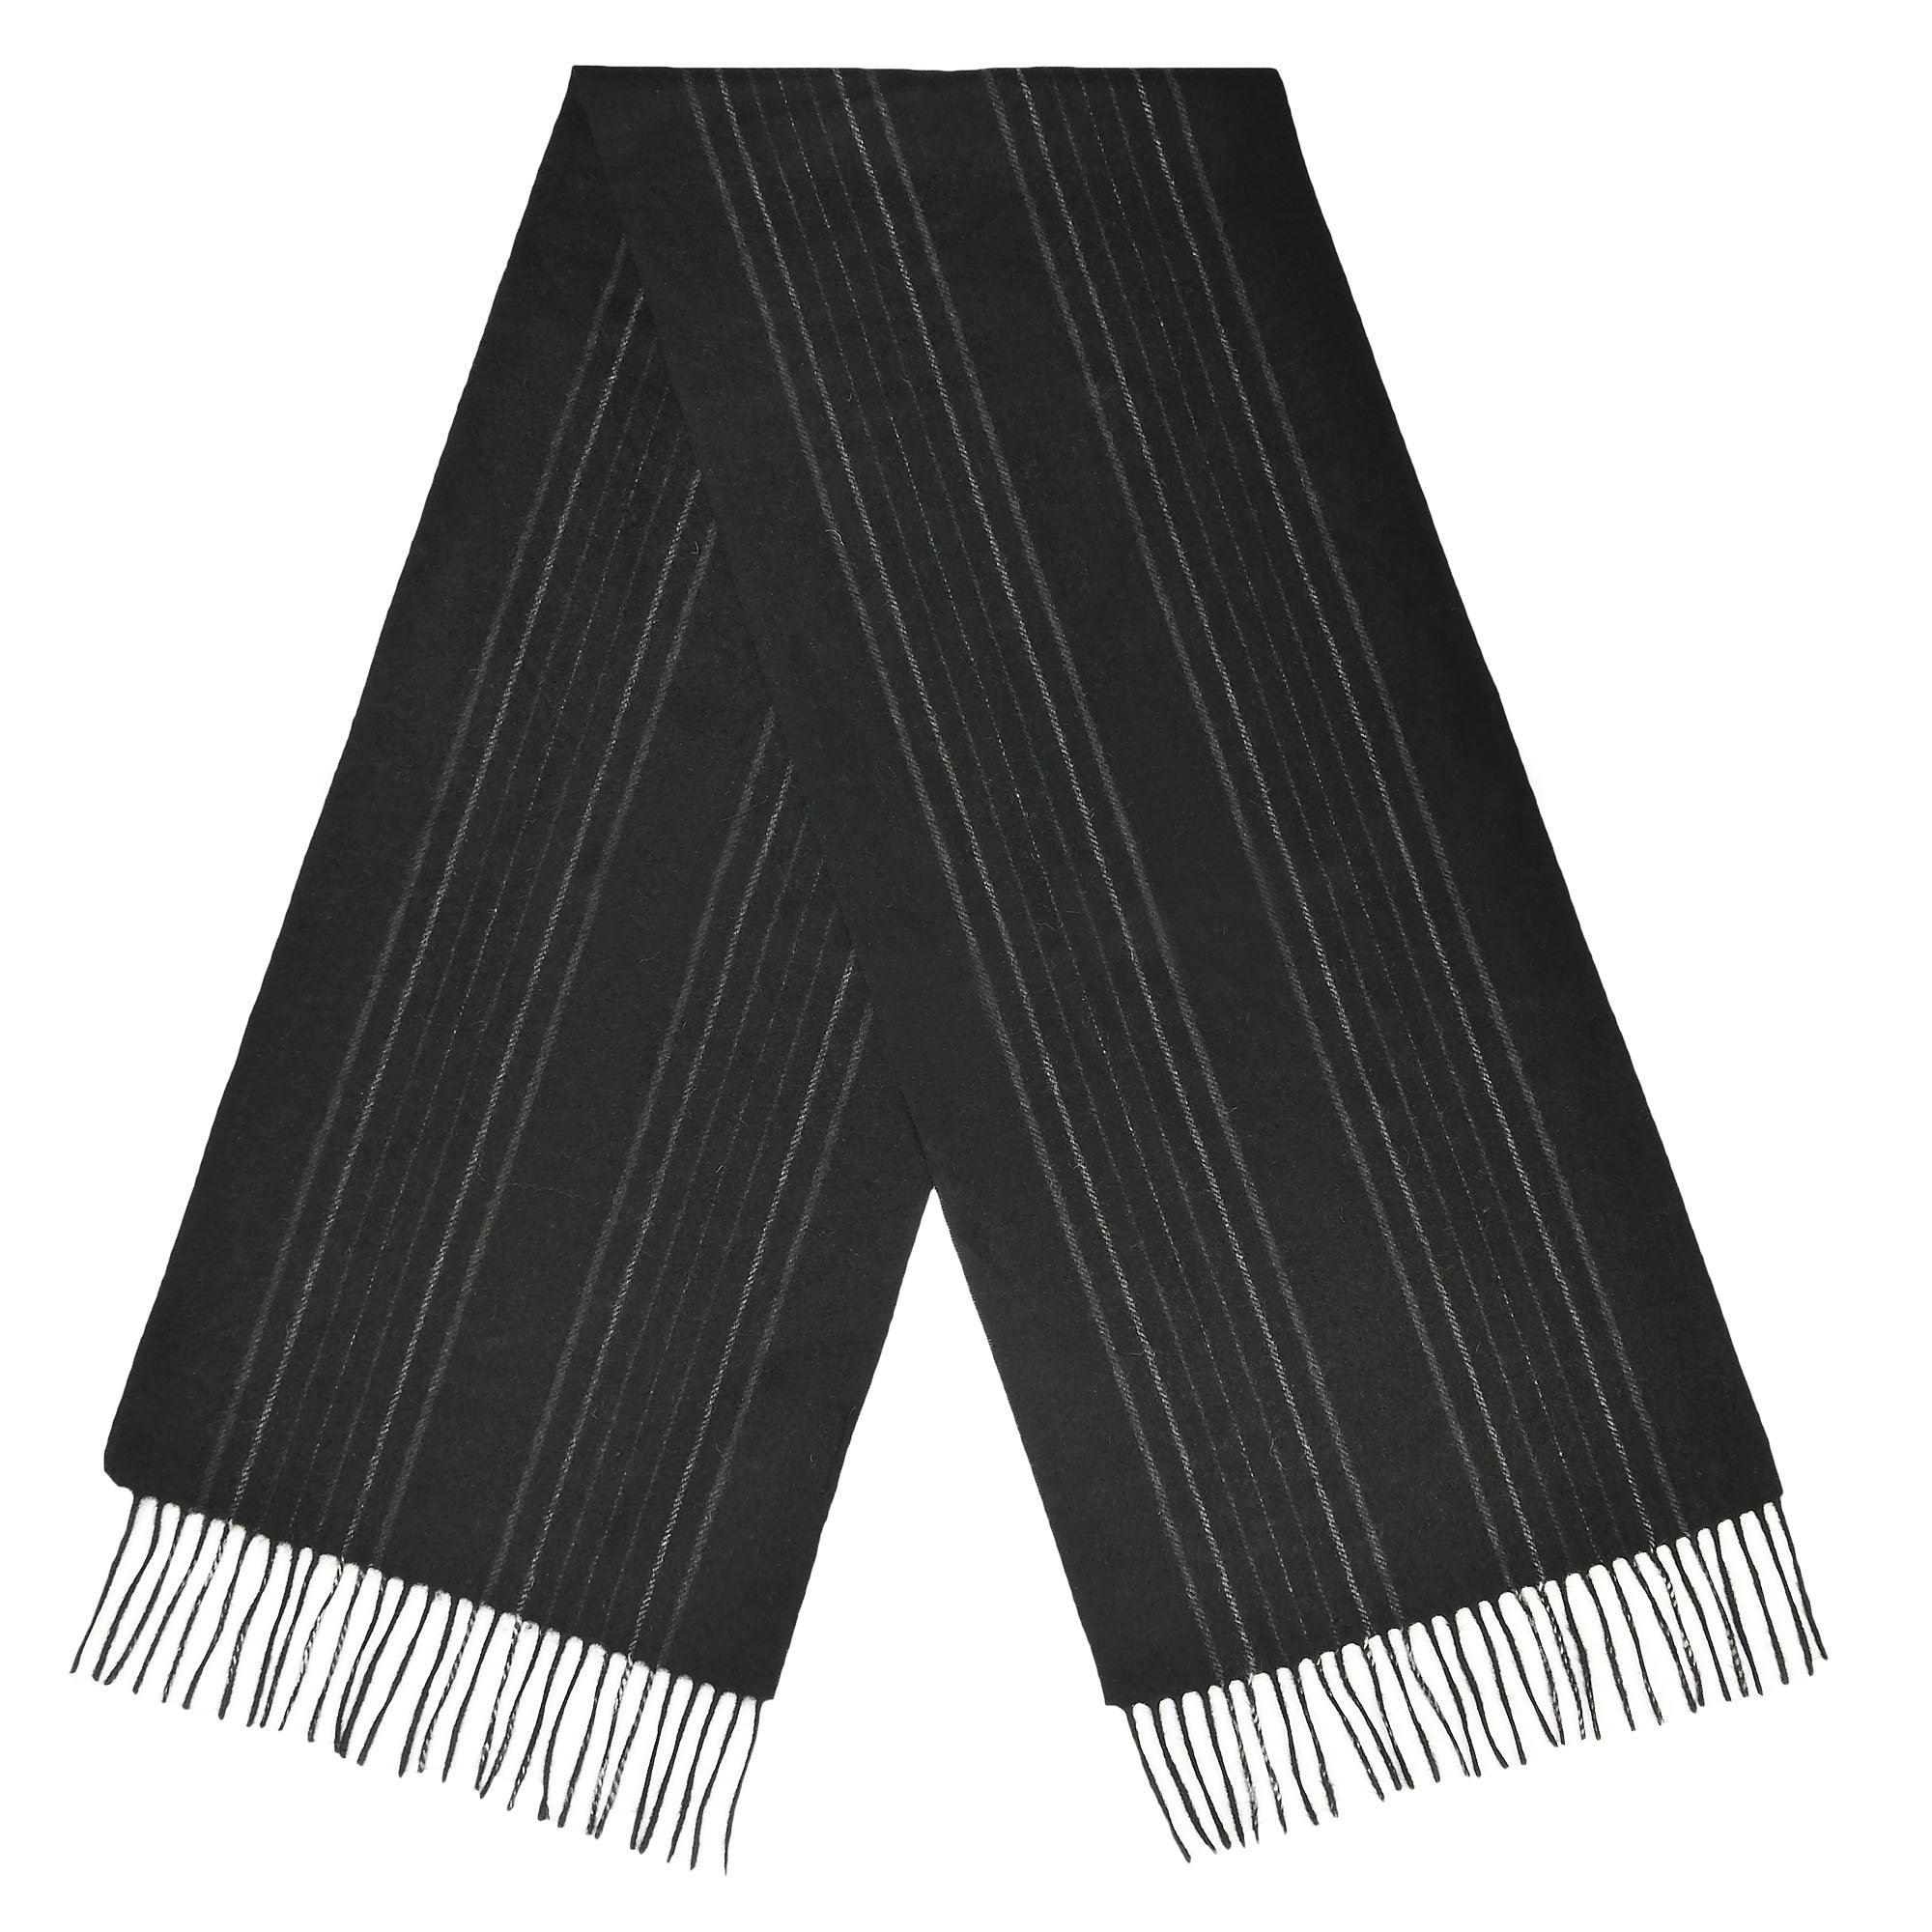 Men's 100% Premium Cashmere Scarf | Soft, Warm, Elegant, Luxury by LEON (608)